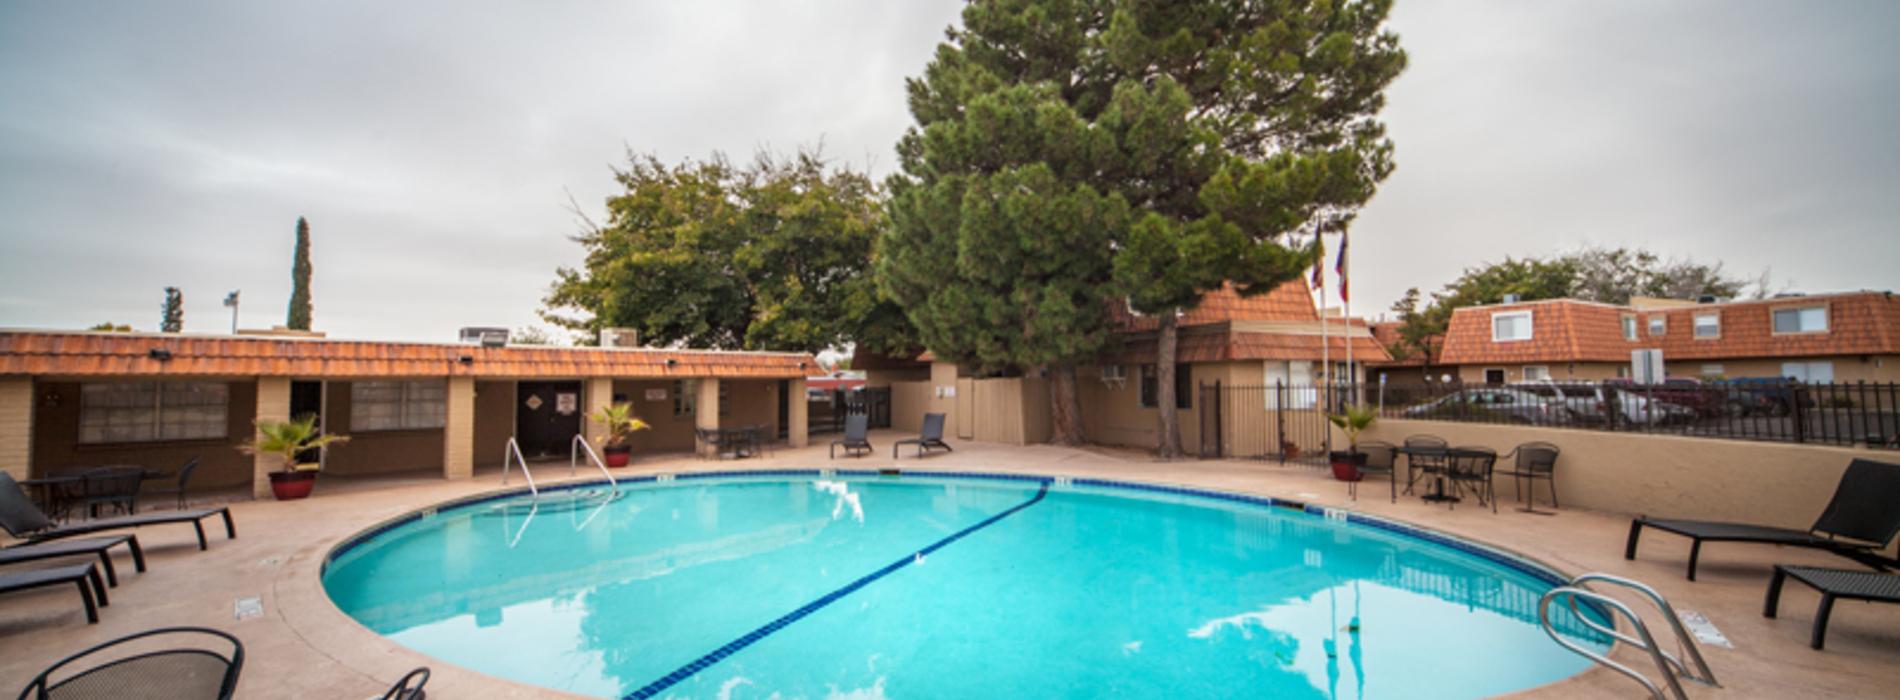 Santa Cruz Apartments Best Apartments For Rent In El Paso